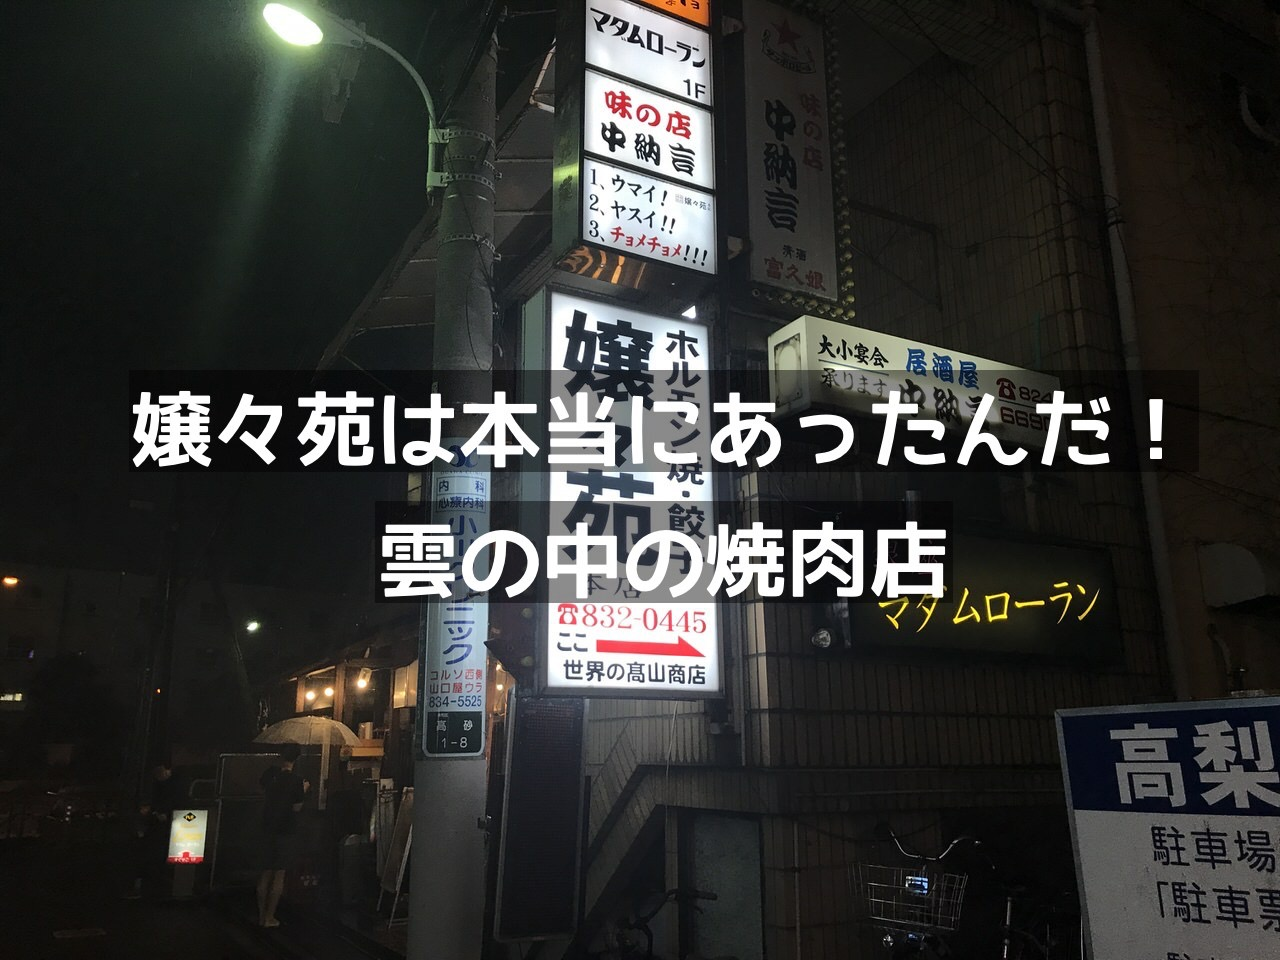 「嬢々苑 本店」雲の中の焼肉・ホルモン店(浦和)